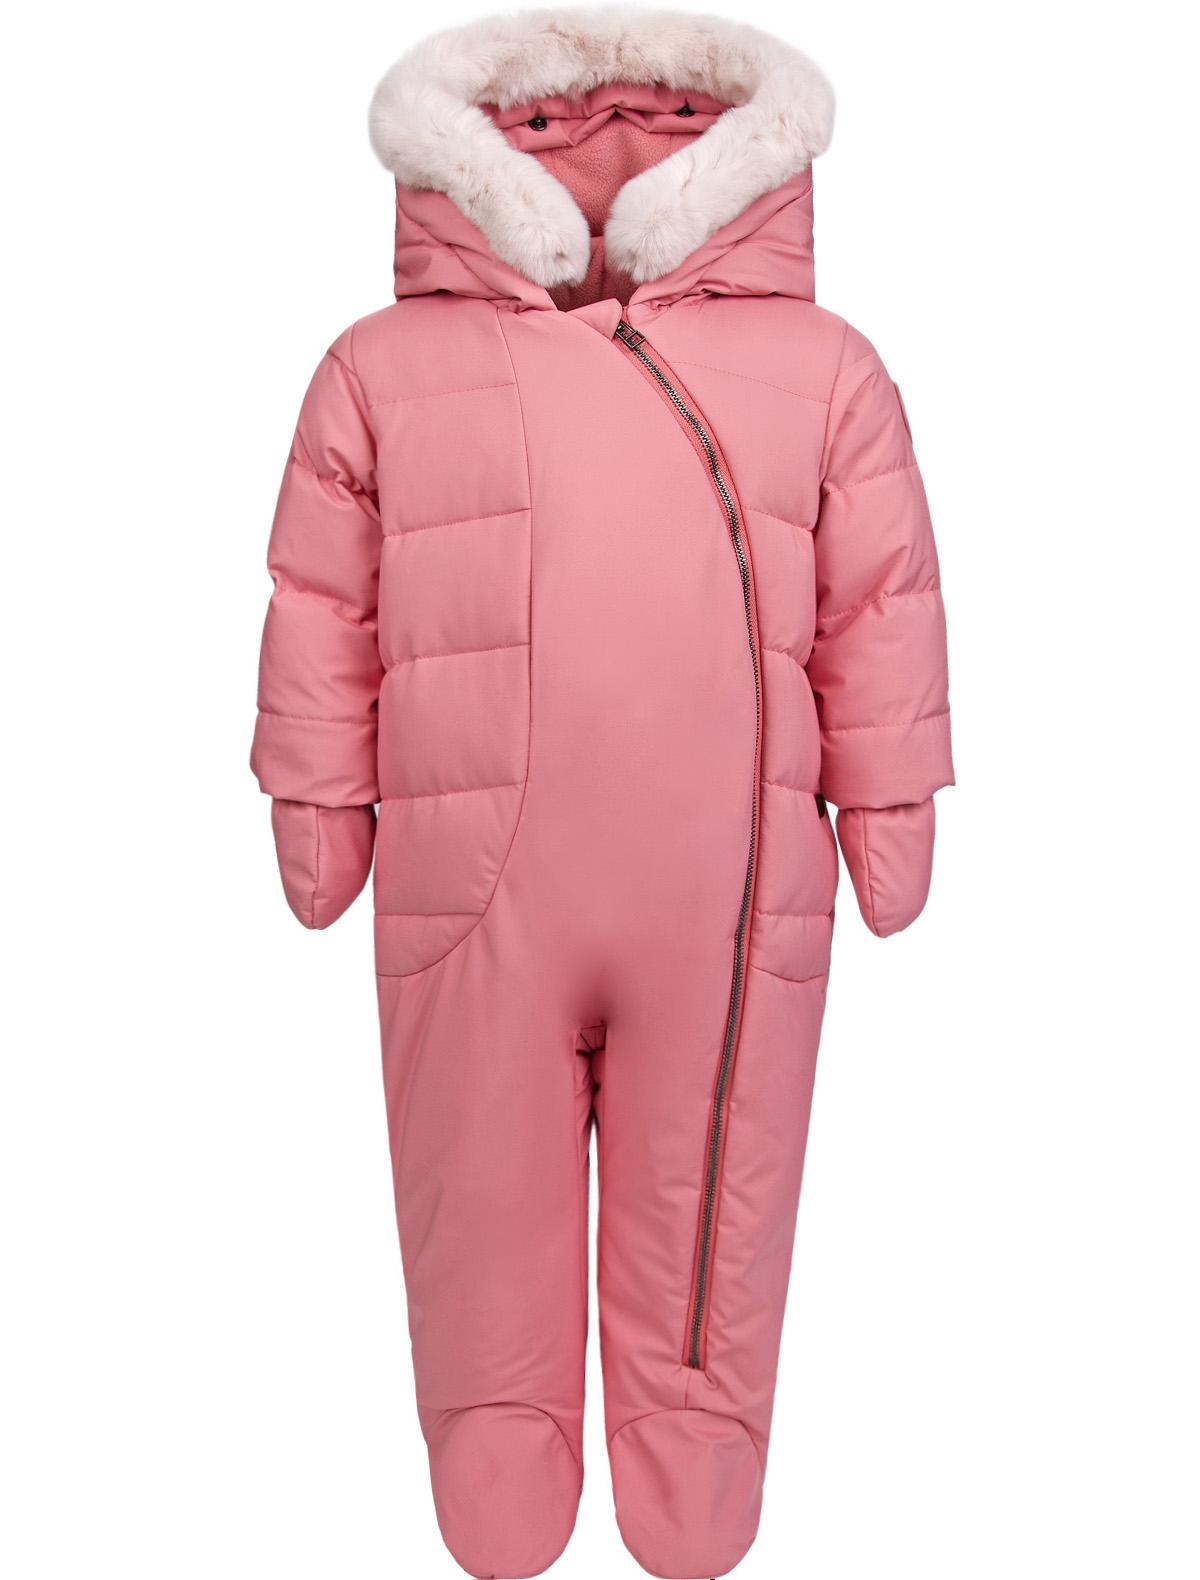 Купить 1911659, Комбинезон утепленный Dior, розовый, Женский, 1592609780012